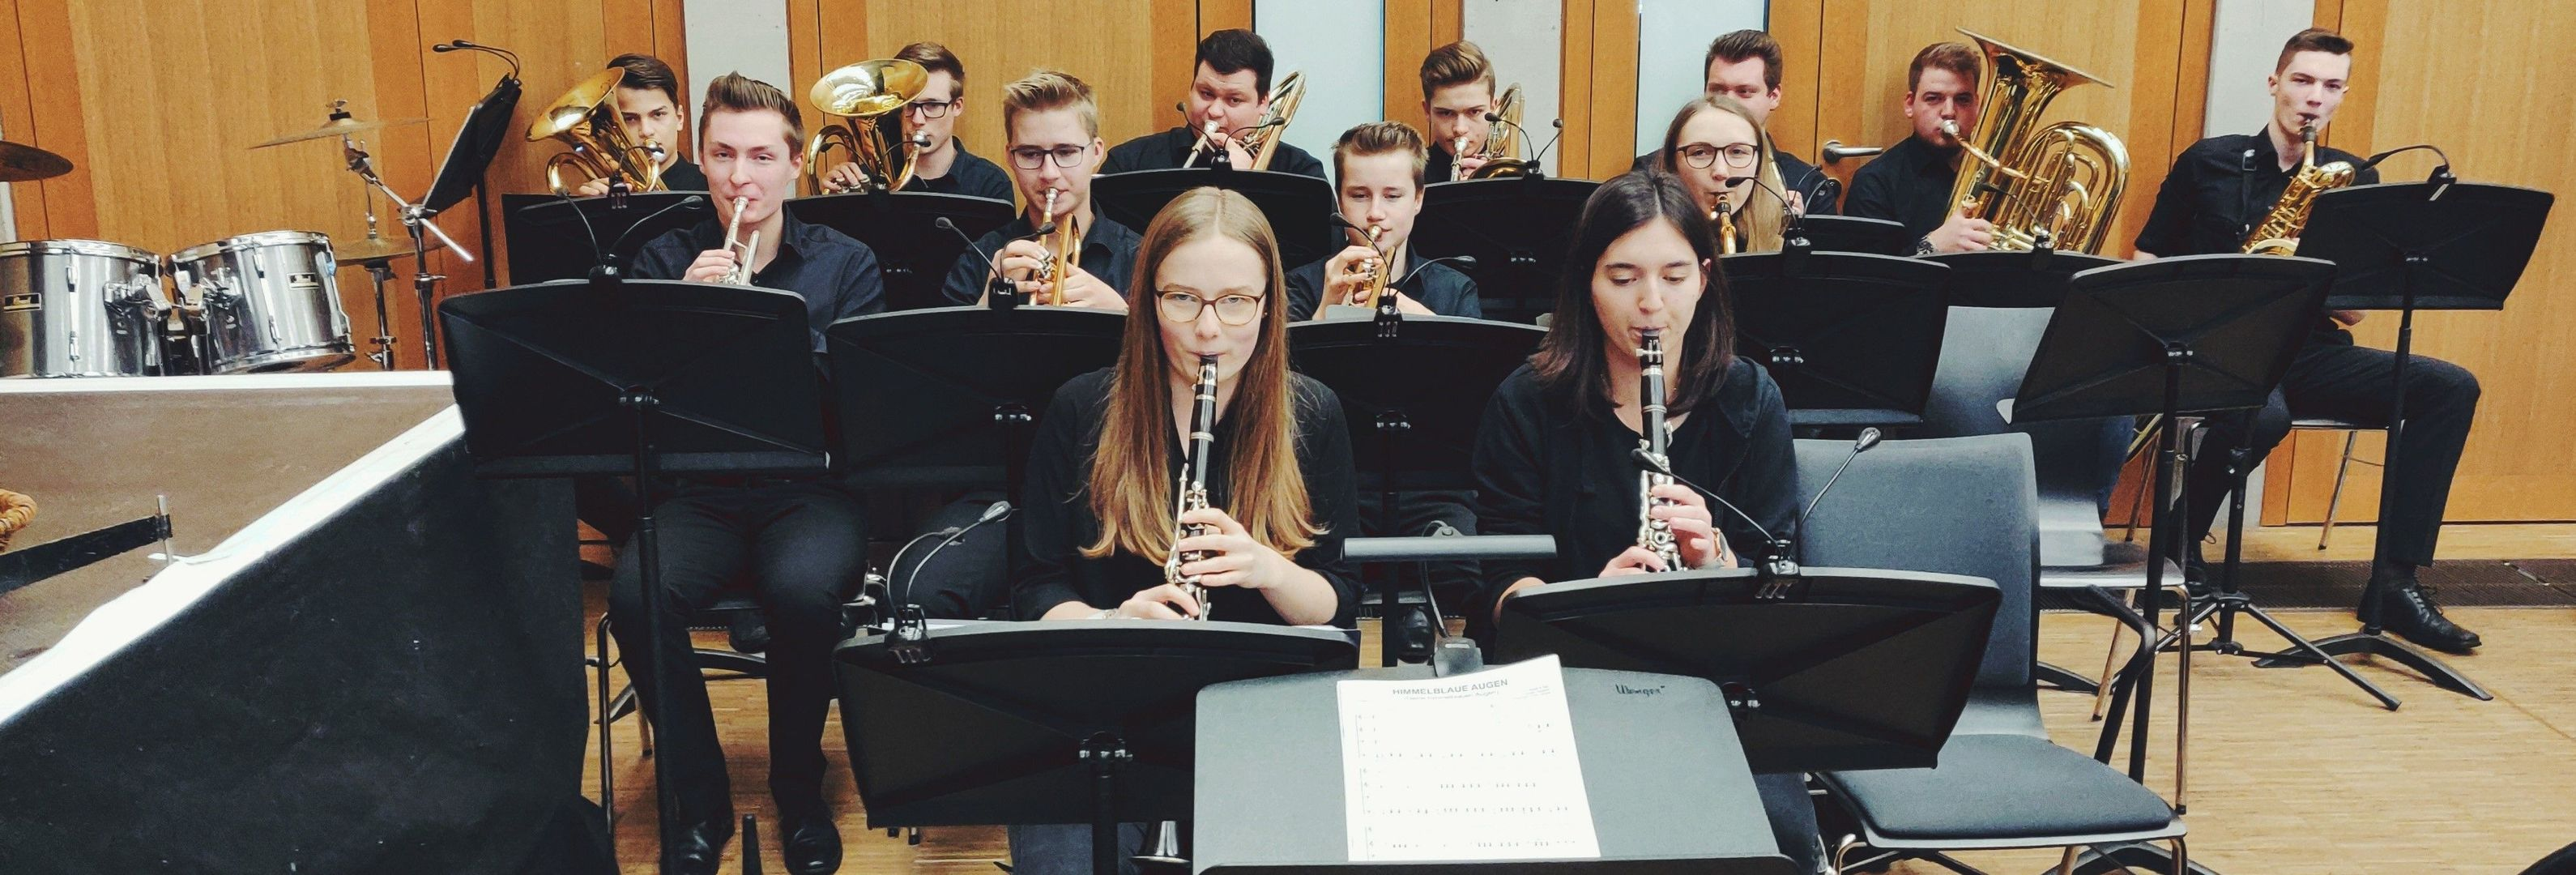 Jugendorchester | Musikkapelle Burlo e.V.